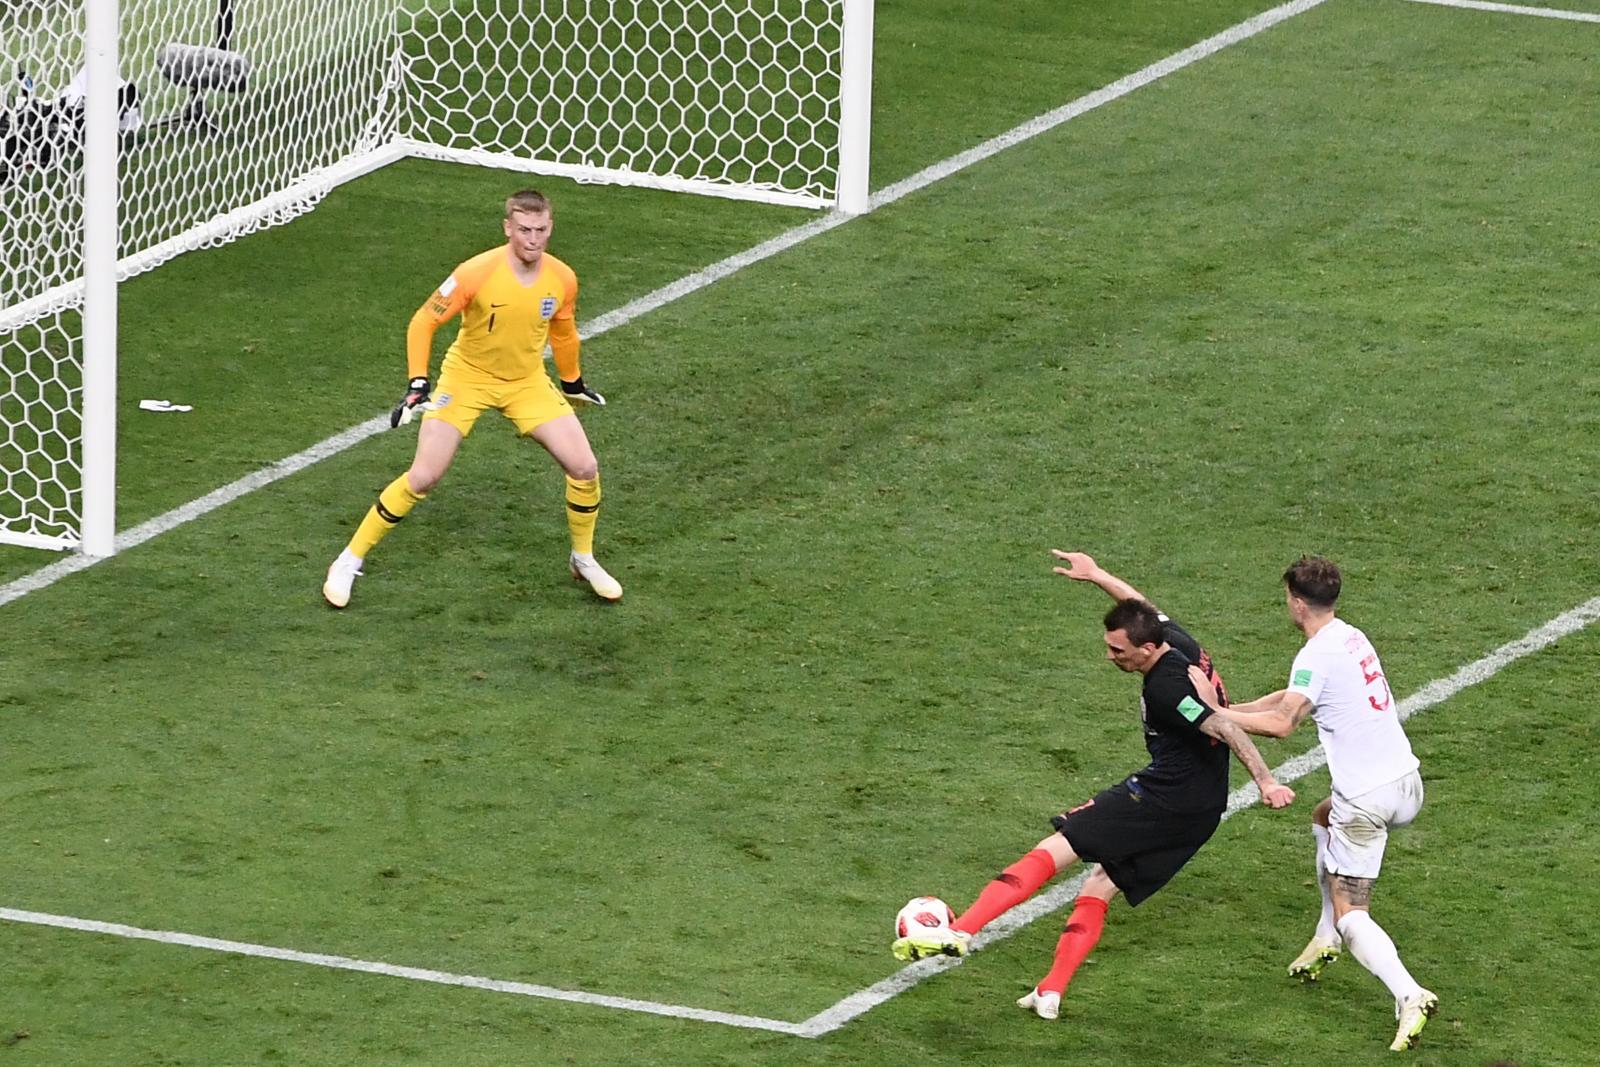 """""""โครแอต"""" ม้ามืดดับฝันอังกฤษเข้าชิงบอลโลก ลุ้นสร้างประวัติศาสตร์หน้าใหม่โครเอเชีย"""